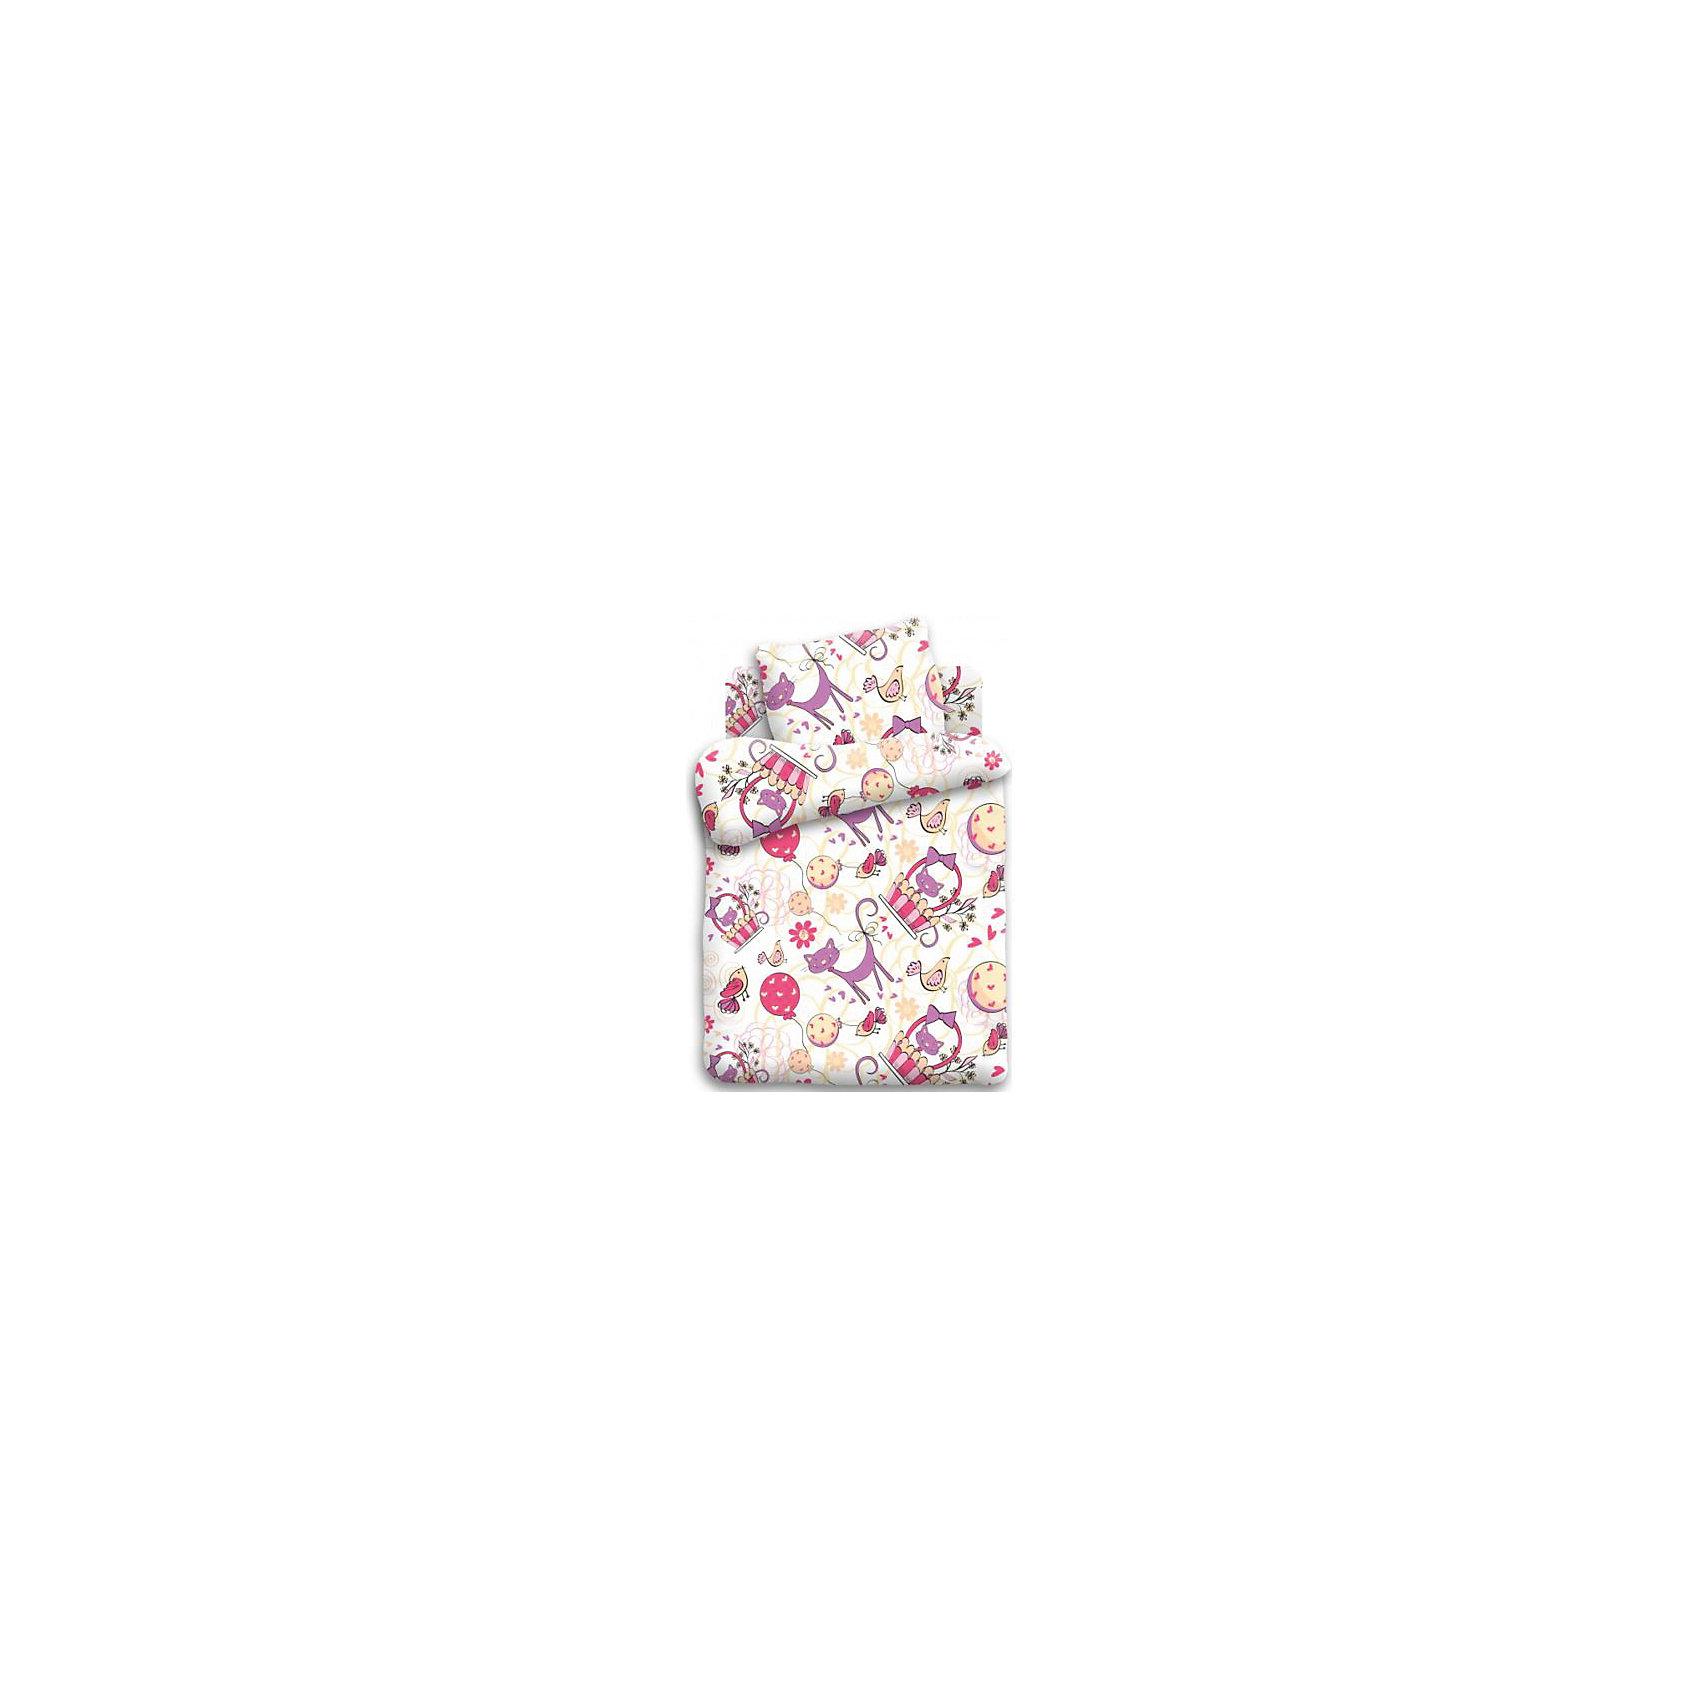 Постельное белье 1,5 Мурка, бязь, Кошки-мышки, (нав 70*70)Домашний текстиль<br>Характеристики:<br><br>• Вид домашнего текстиля: постельное белье<br>• Тип постельного белья по размерам: 1,5 спальное<br>• Материал: хлопок, 100% <br>• Тематика рисунка: кошки<br>• Комплектация: <br> пододеяльник 215*143 см – 1 шт. <br> простынь 150*214 см– 1 шт. <br> наволочка 70*70 см – 1 шт. <br>• Тип упаковки: картонная коробка <br>• Вес в упаковке: 1 кг 200 г<br>• Размеры упаковки (Д*Ш*В): 50*25*50 см<br>• Особенности ухода: допускается интенсивная машинная стирка без использования красящих и отбеливающих веществ<br><br>Постельное белье 1,5 Мурка, бязь, Кошки-мышки, (нав 70*70) выполнено в стильном дизайне с изображением фантазийных кошечек. Все внутренние швы изделий тщательно обработаны. Комплект упакован в брендовую картонную коробку, поэтому его можно преподнести в качестве подарка на любой праздник или торжество.<br><br>Постельное белье 1,5 Мурка, бязь, Кошки-мышки, (нав 70*70) можно купить в нашем интернет-магазине.<br><br>Ширина мм: 500<br>Глубина мм: 250<br>Высота мм: 500<br>Вес г: 1200<br>Возраст от месяцев: 36<br>Возраст до месяцев: 144<br>Пол: Женский<br>Возраст: Детский<br>SKU: 5623421